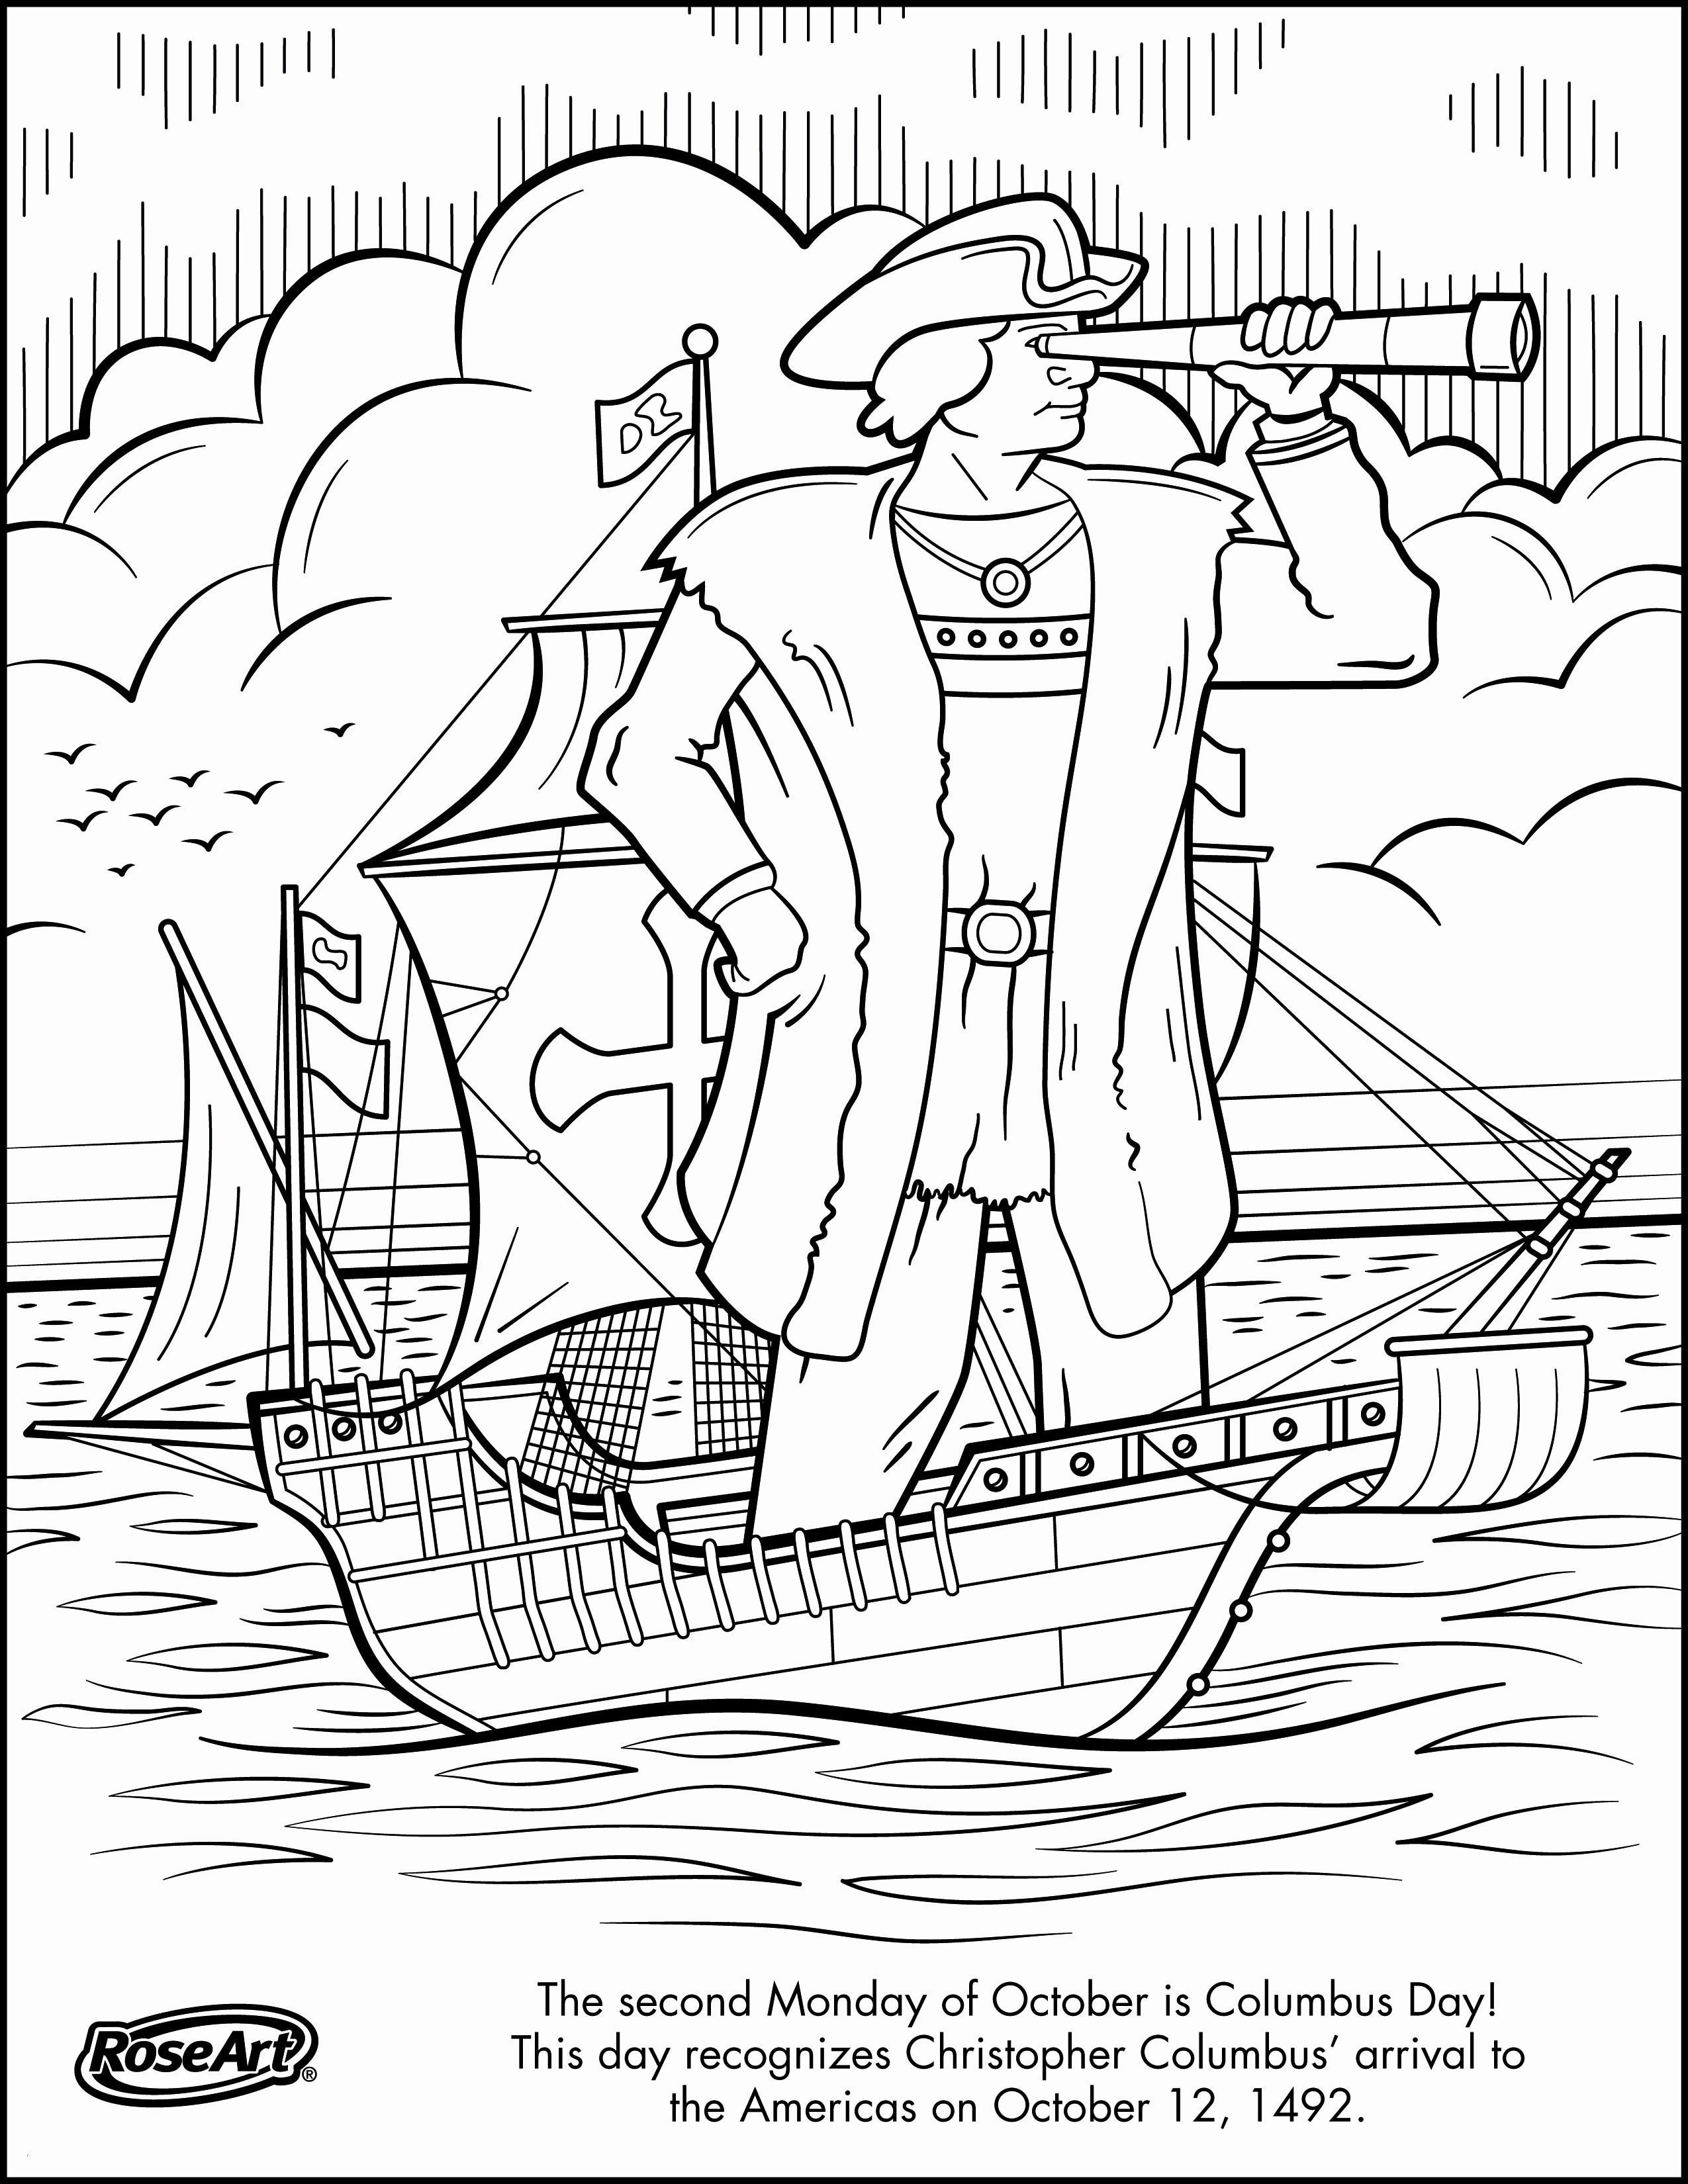 Hundertwasser Bilder Zum Ausmalen Einzigartig Ausmalbilder Hundertwasser Neu 40 Ausmalbilder Prinzessin Elsa Galerie